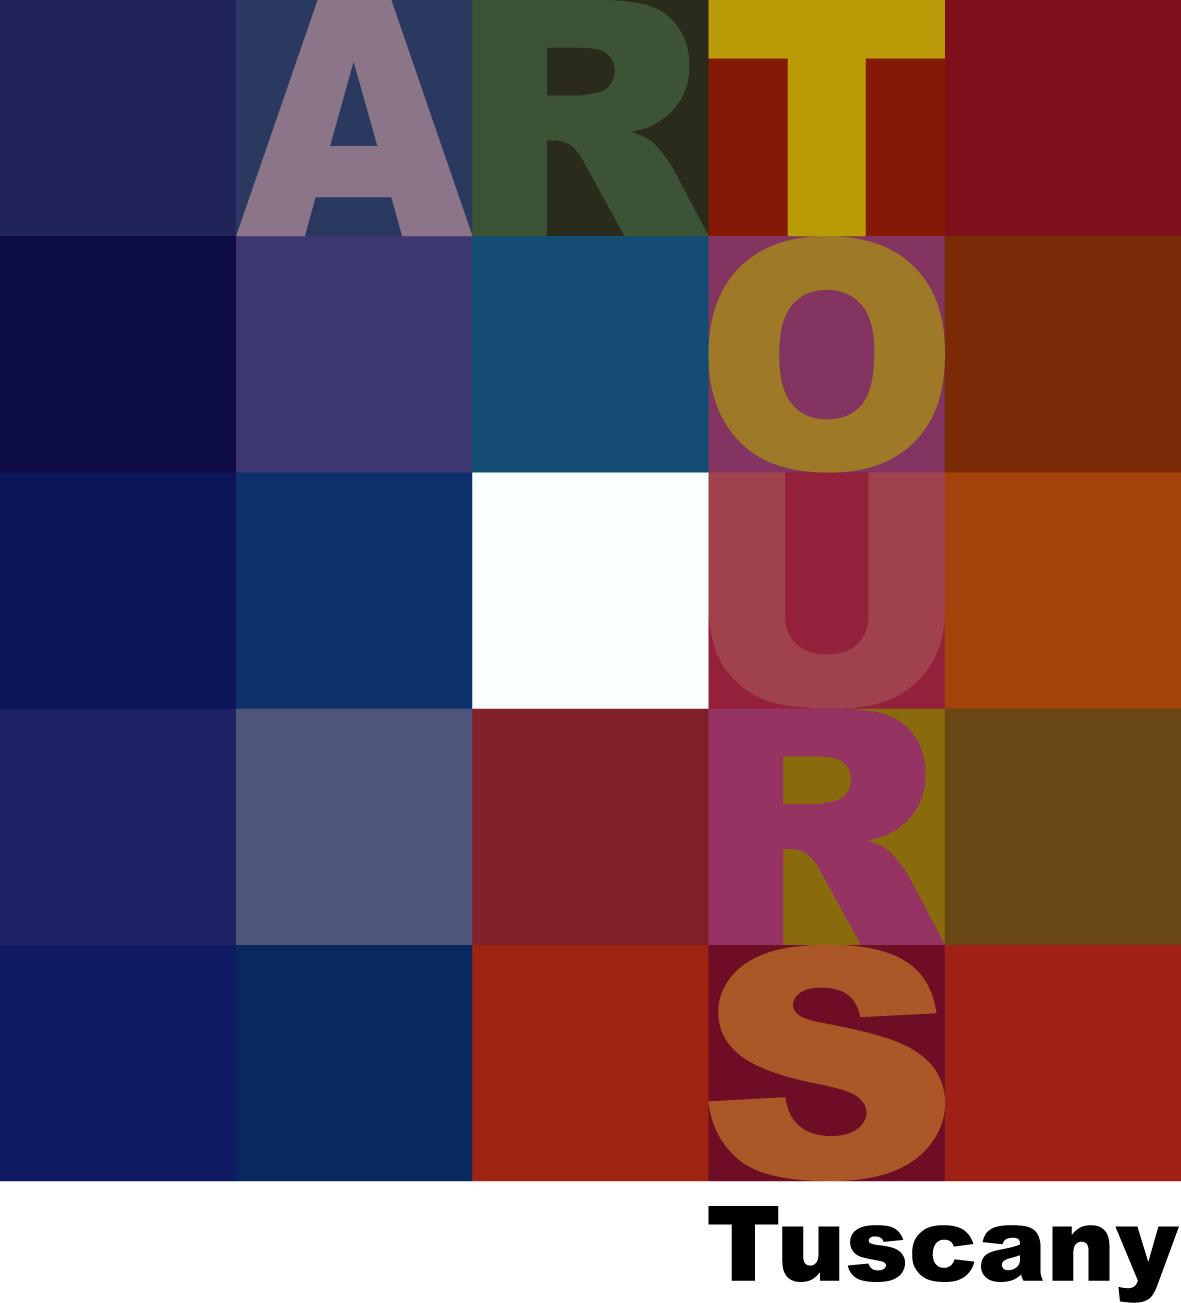 artours tuscany logo.jpg